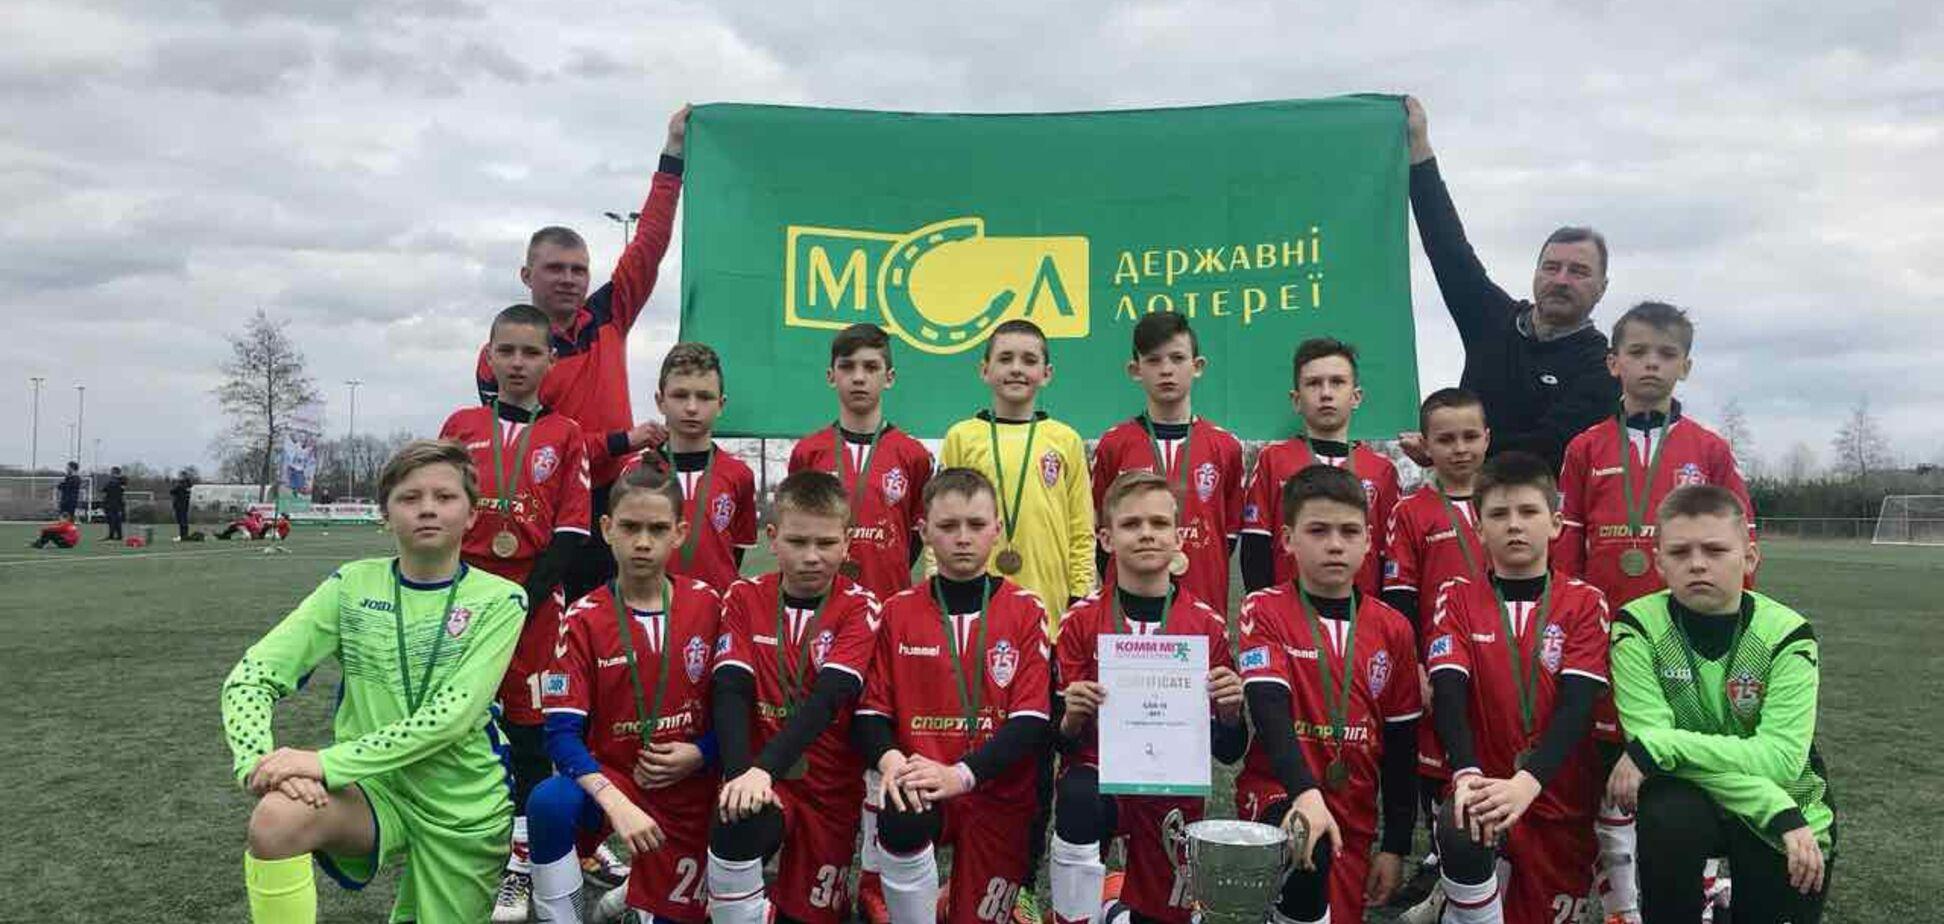 Підопічні 'М.С.Л.' вибороли срібло на міжнародному футбольному турнірі